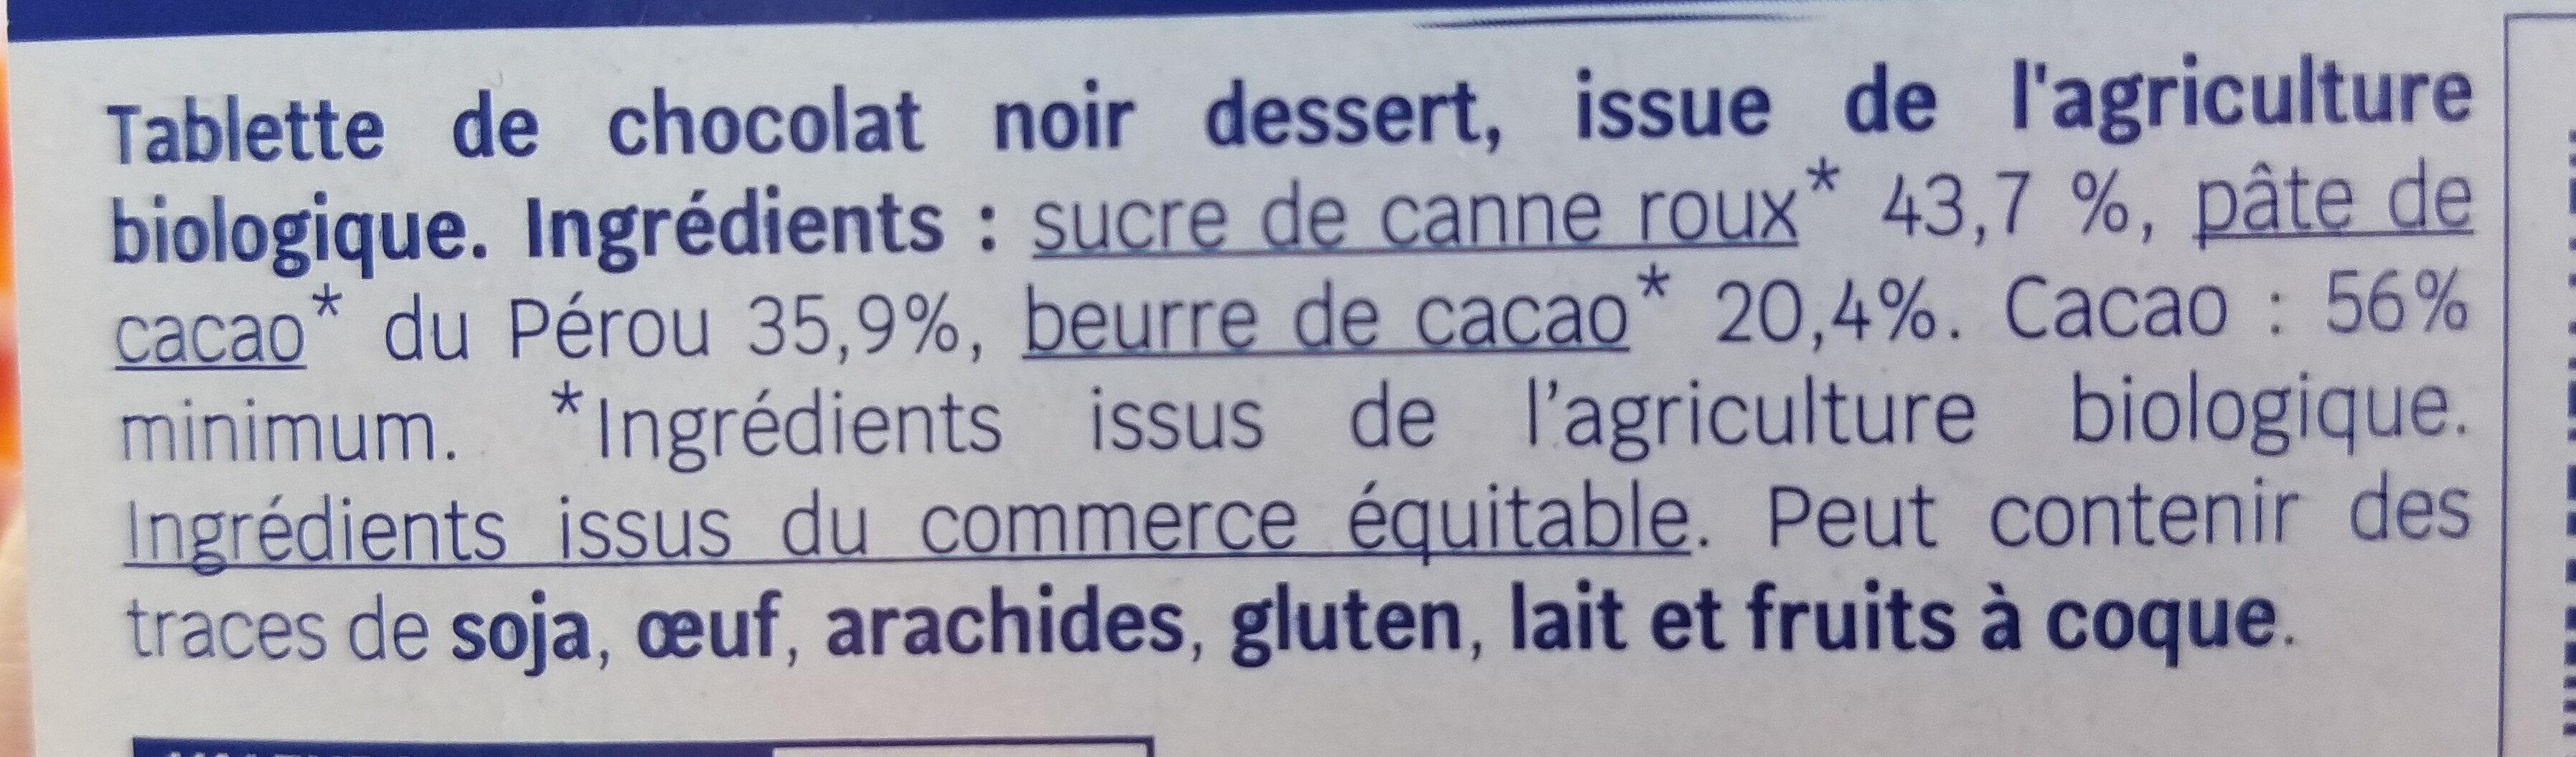 Chocolat noir dessert 56% cacao - Ingredients - fr